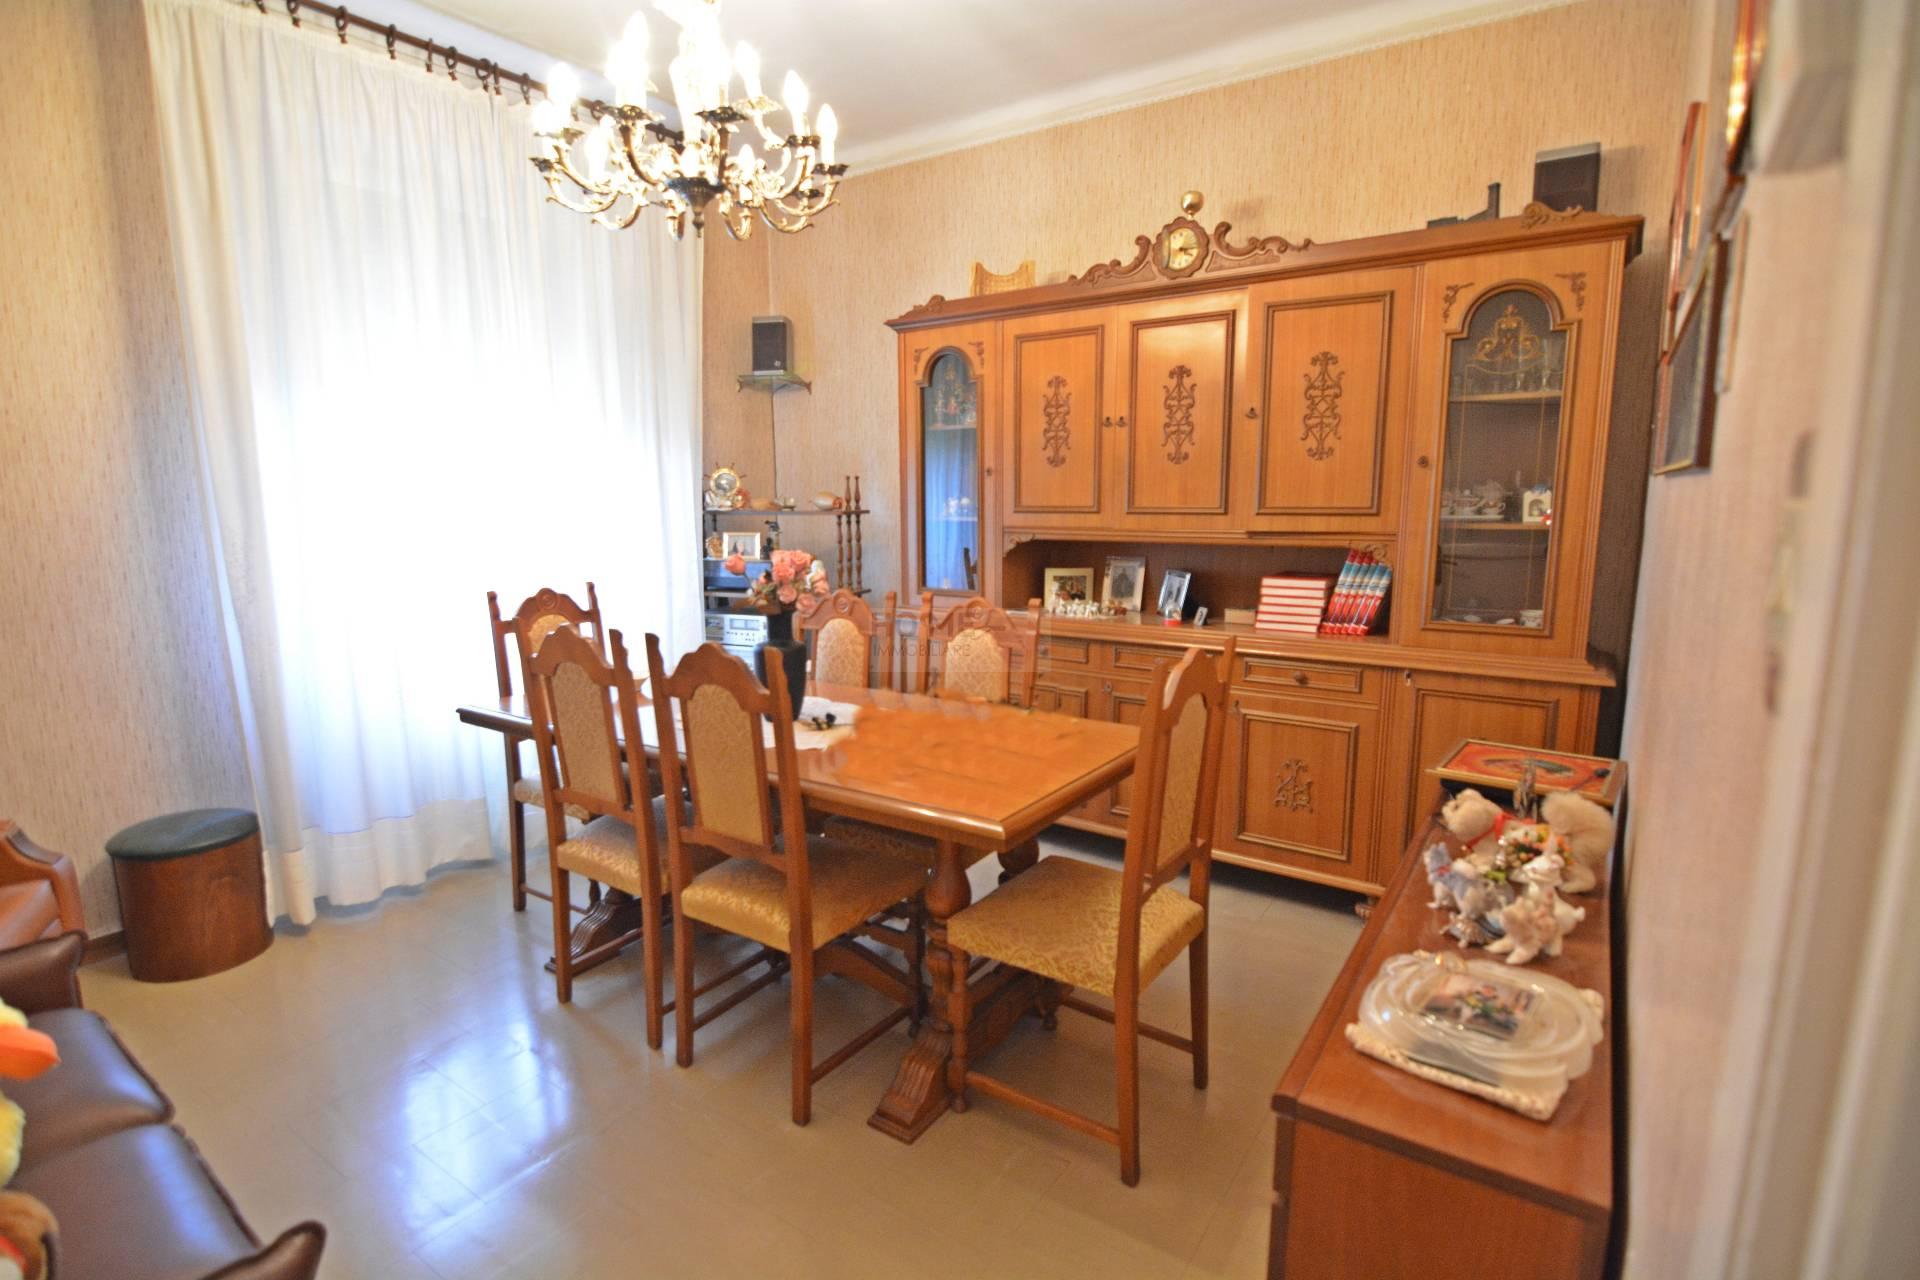 Appartamento in vendita a Macerata, 5 locali, zona Zona: Semicentrale, prezzo € 65.000   CambioCasa.it